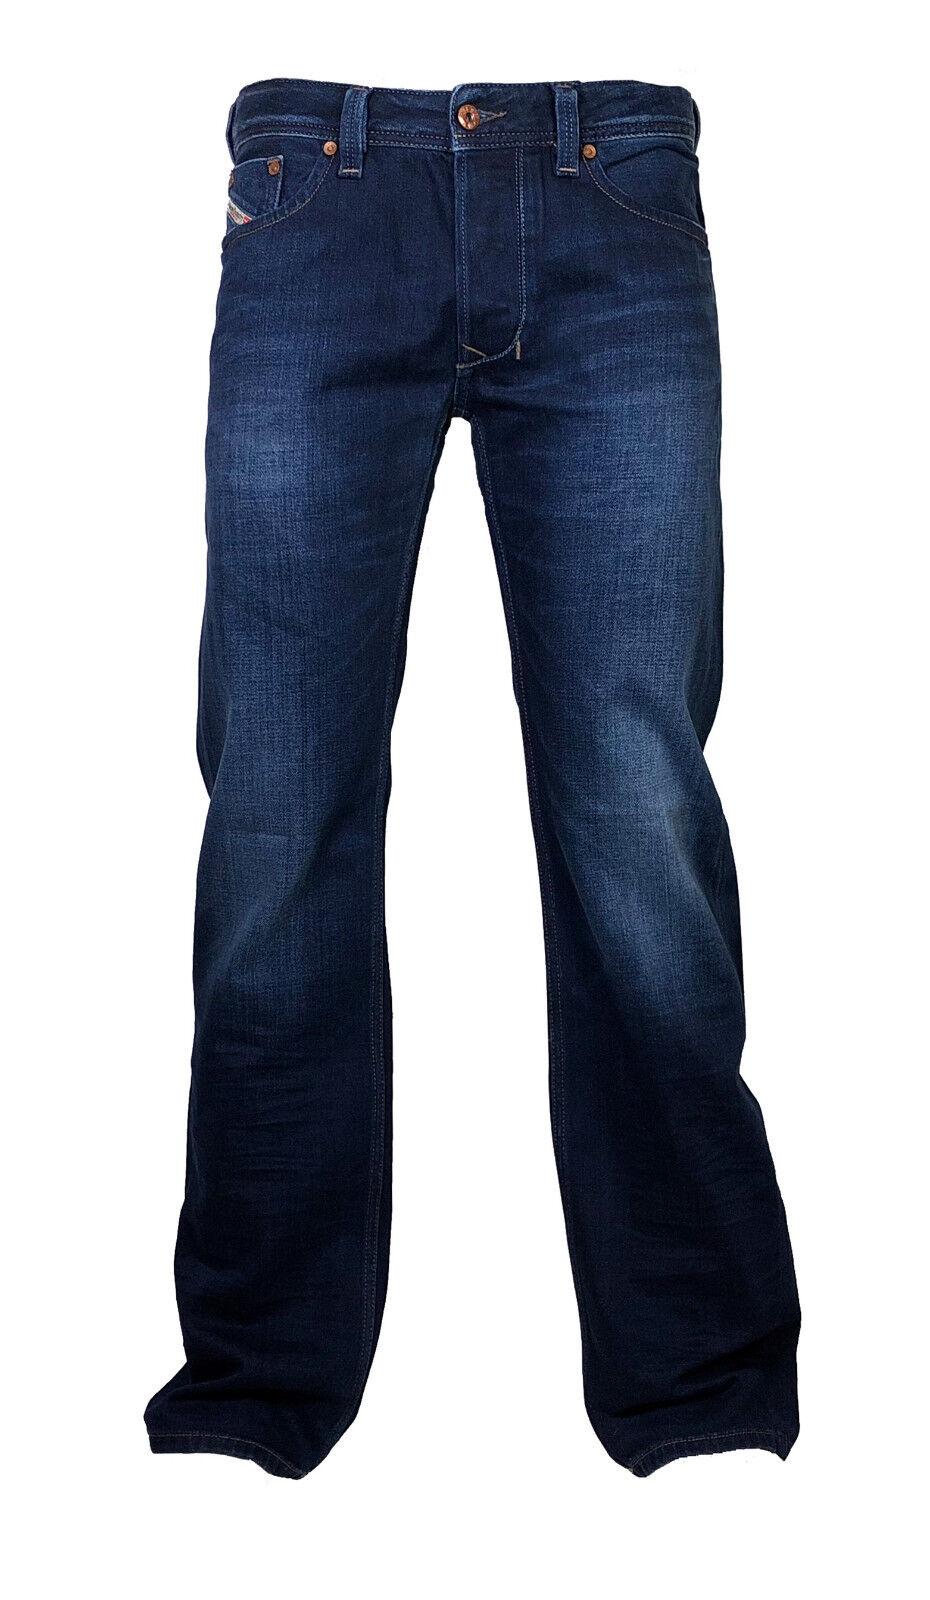 Diesel Straight Cut Jeans LARKEE 0860M dunkelblau verwaschen  34 30 NEU